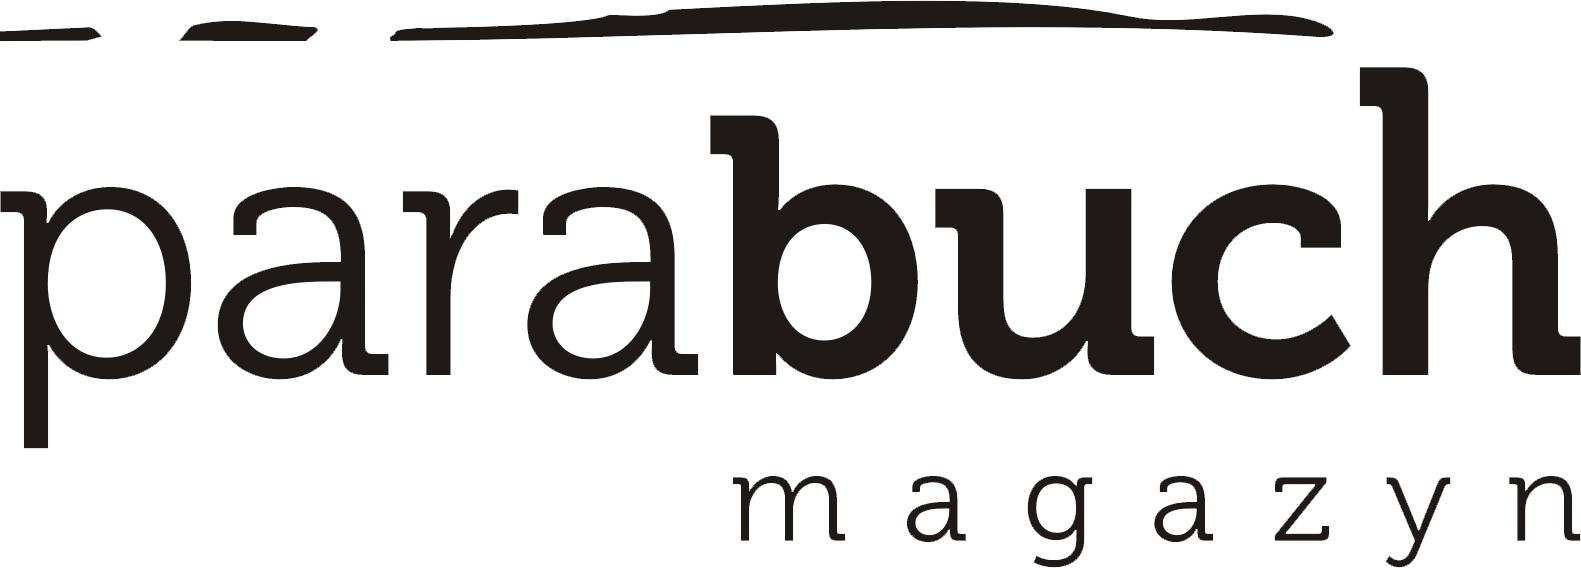 ParabuchMagazyn